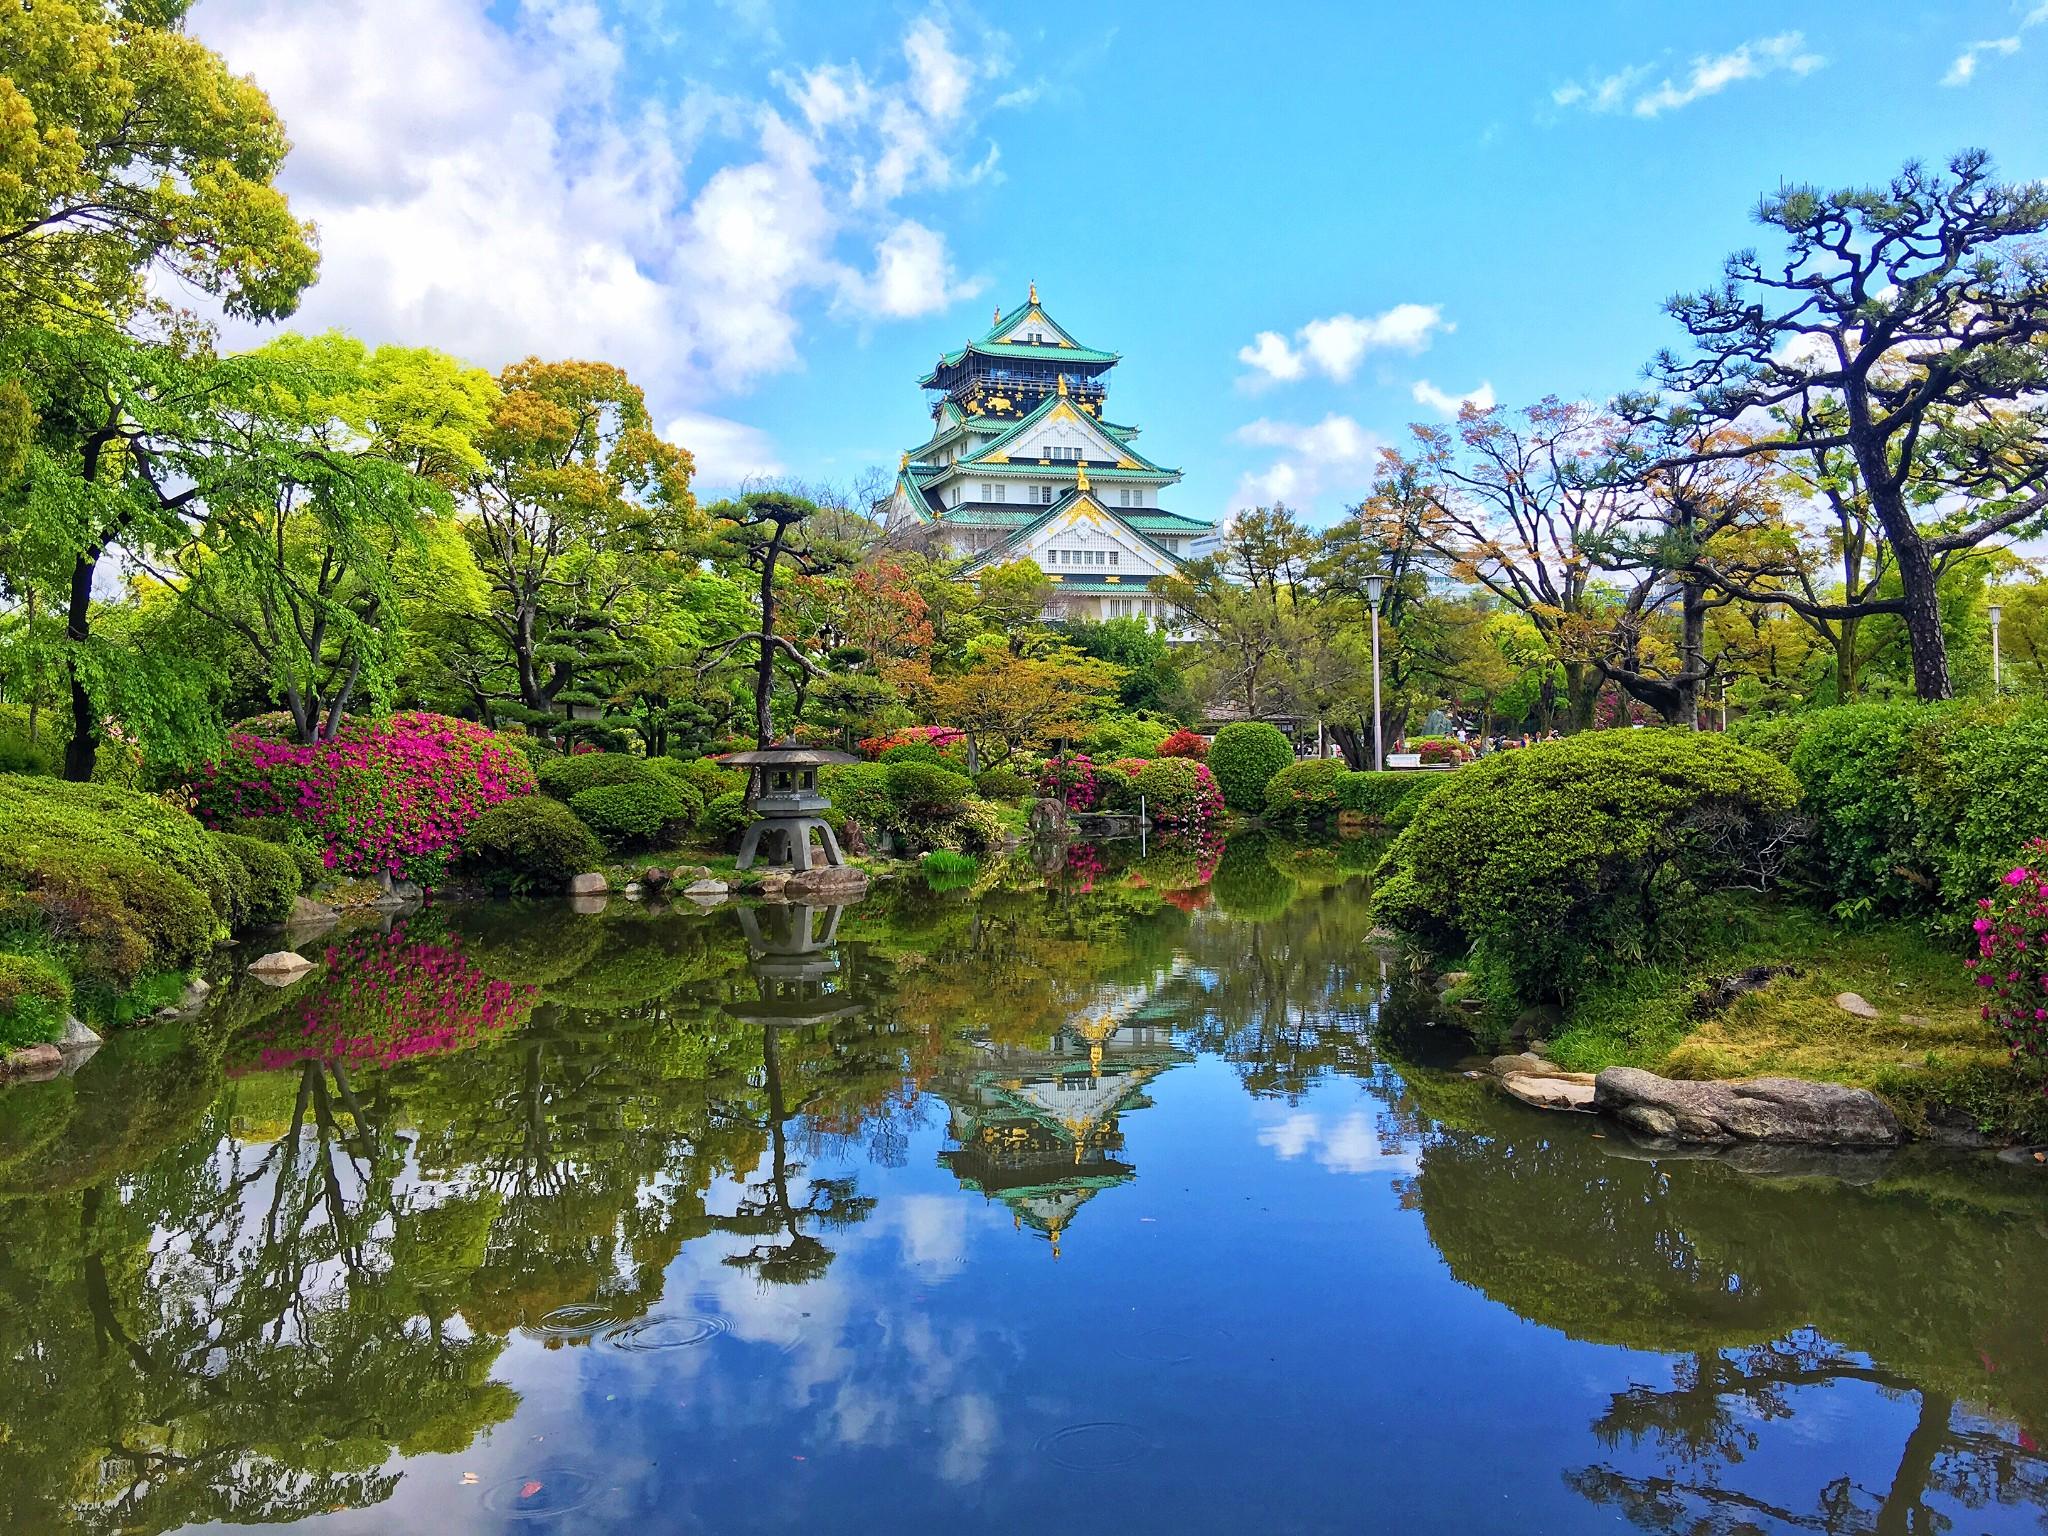 日本热门游记,日本自助游游记,日本旅游热门游记 - 马